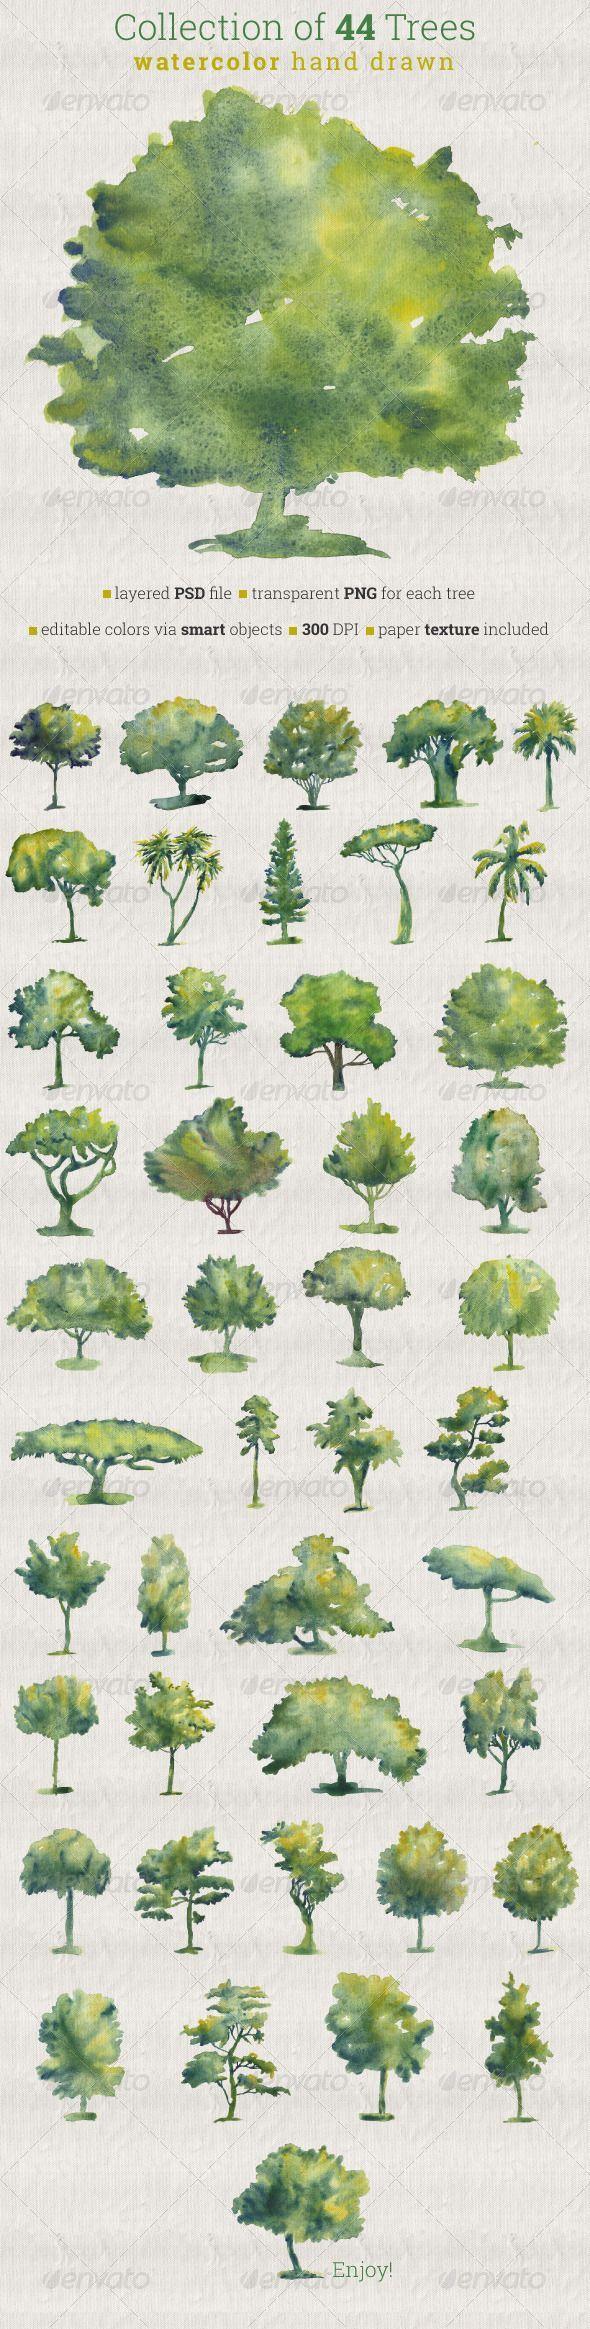 Colección de 44 árboles de la acuarela - Naturaleza Fondos